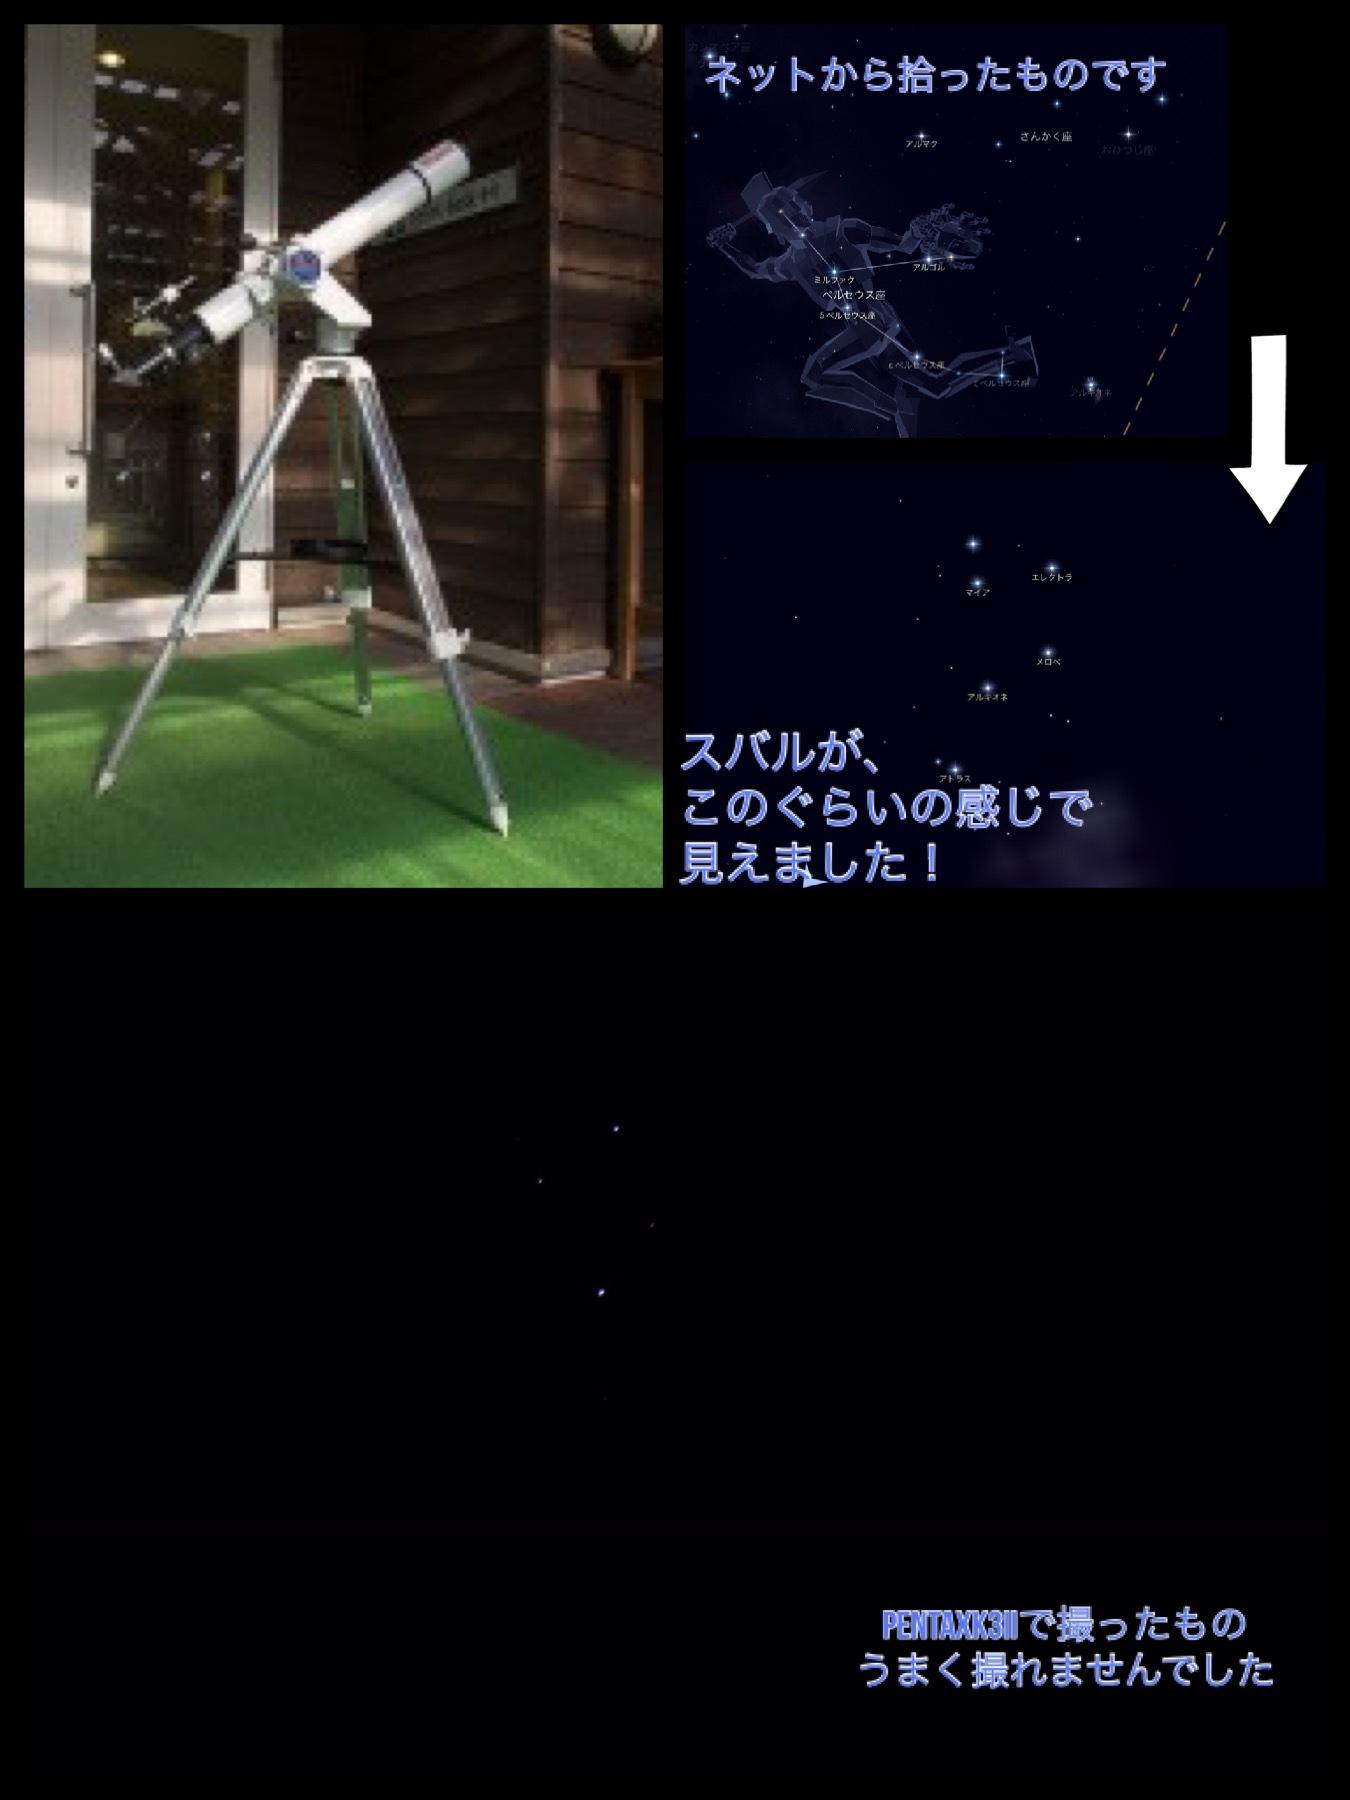 ツインリンクもてぎ 森と星空のキャンプヴィレッジ 天体望遠鏡